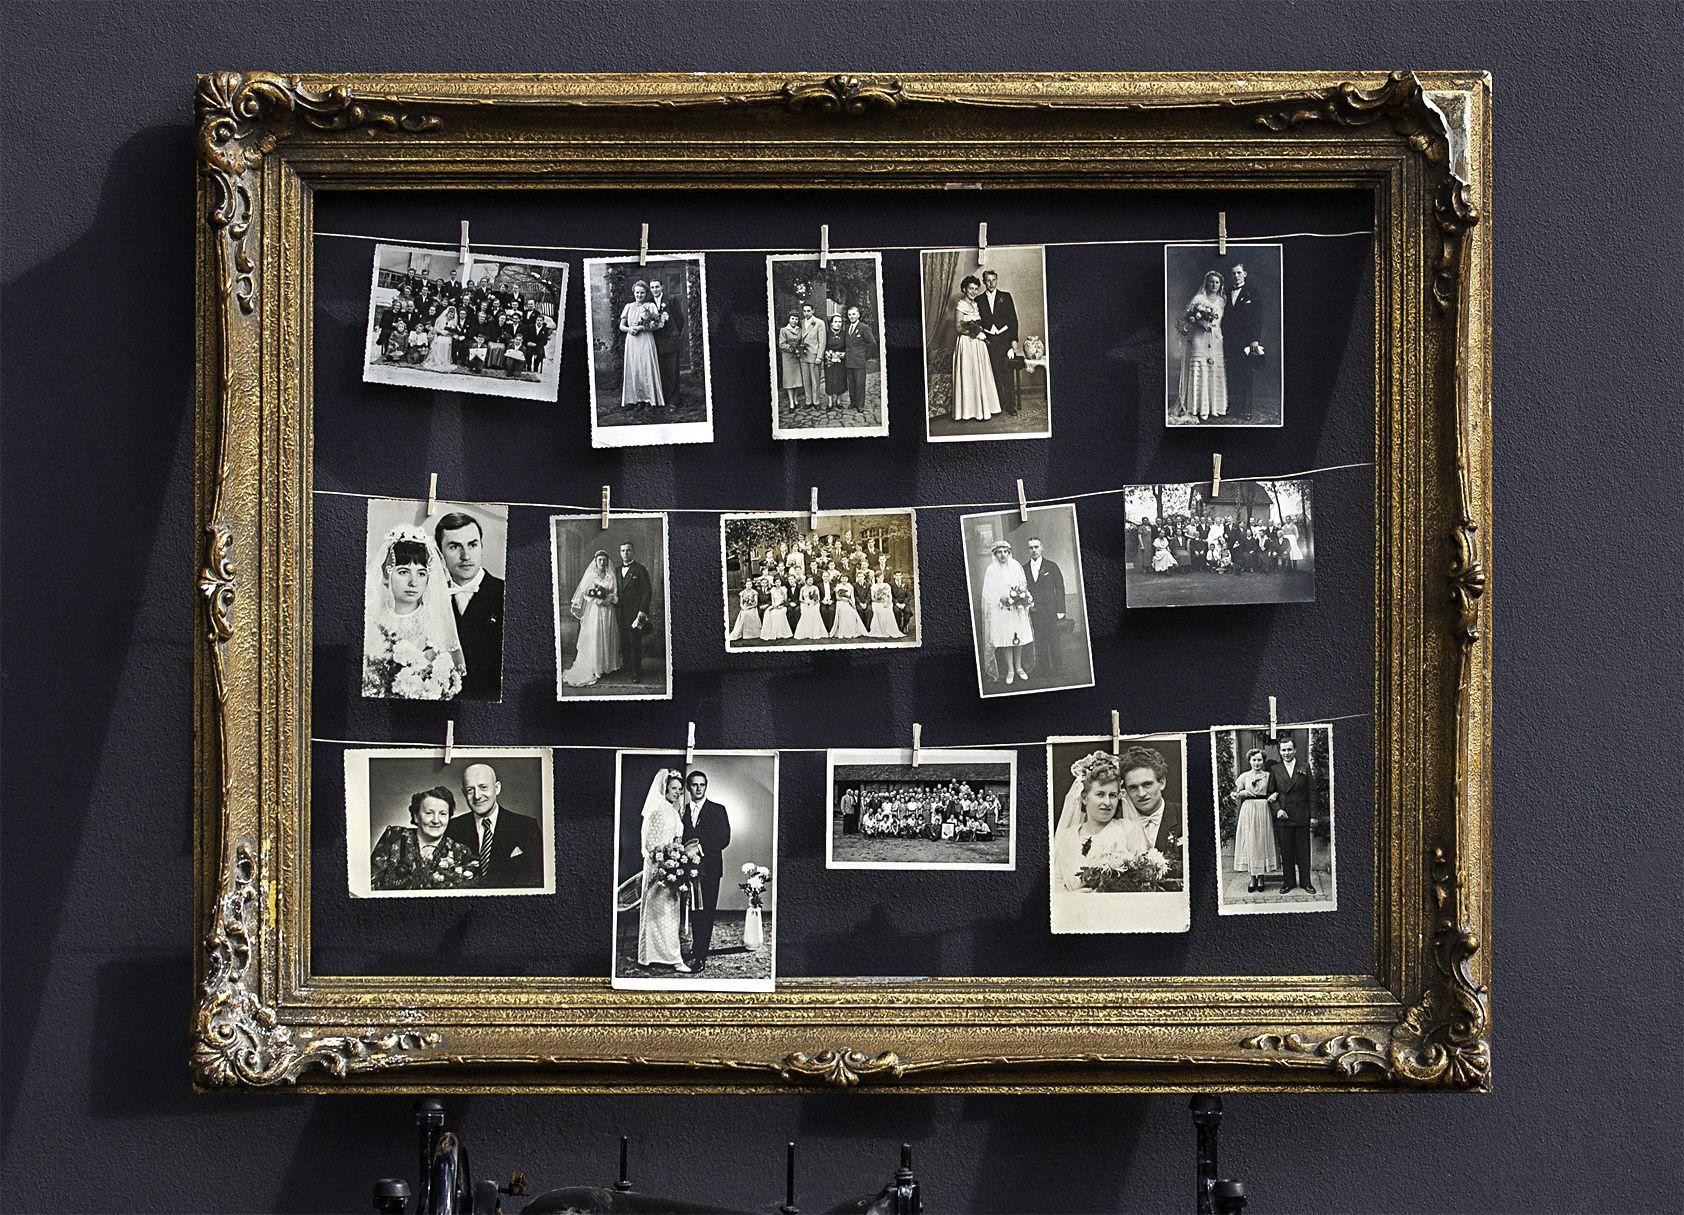 historische hochzeitsfotos verschiedene bilderrahmen in unterschiedlichen gr en. Black Bedroom Furniture Sets. Home Design Ideas